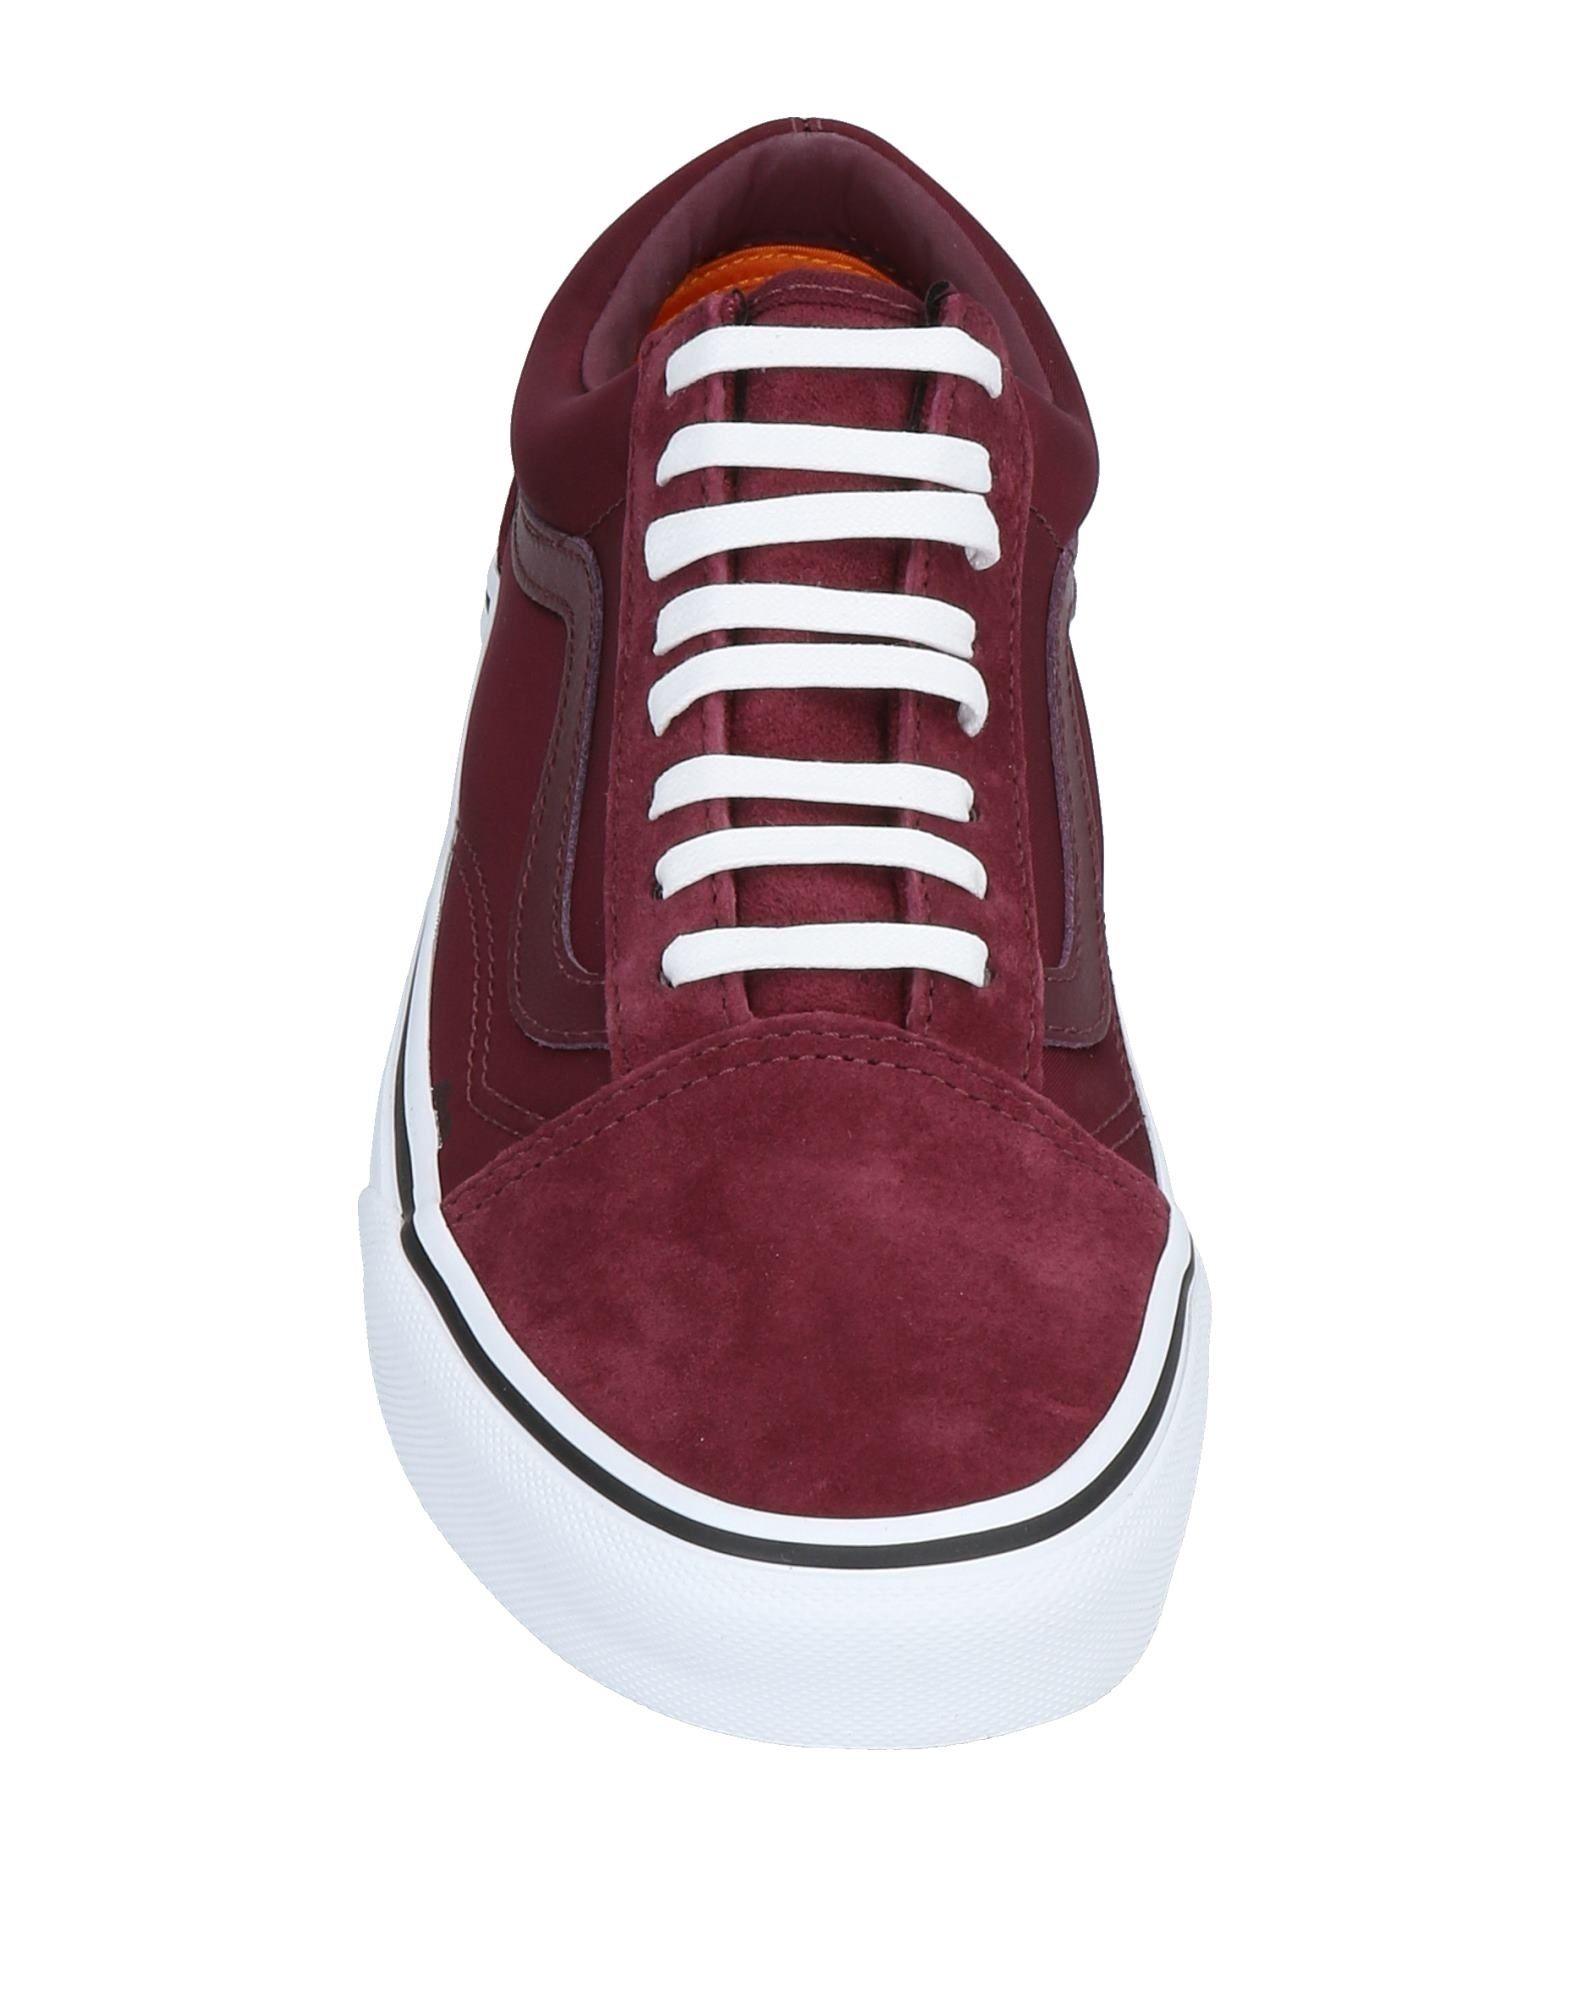 Haltbare Mode billige Schuhe Vans Sneakers Damen  11492352FW Heiße Schuhe